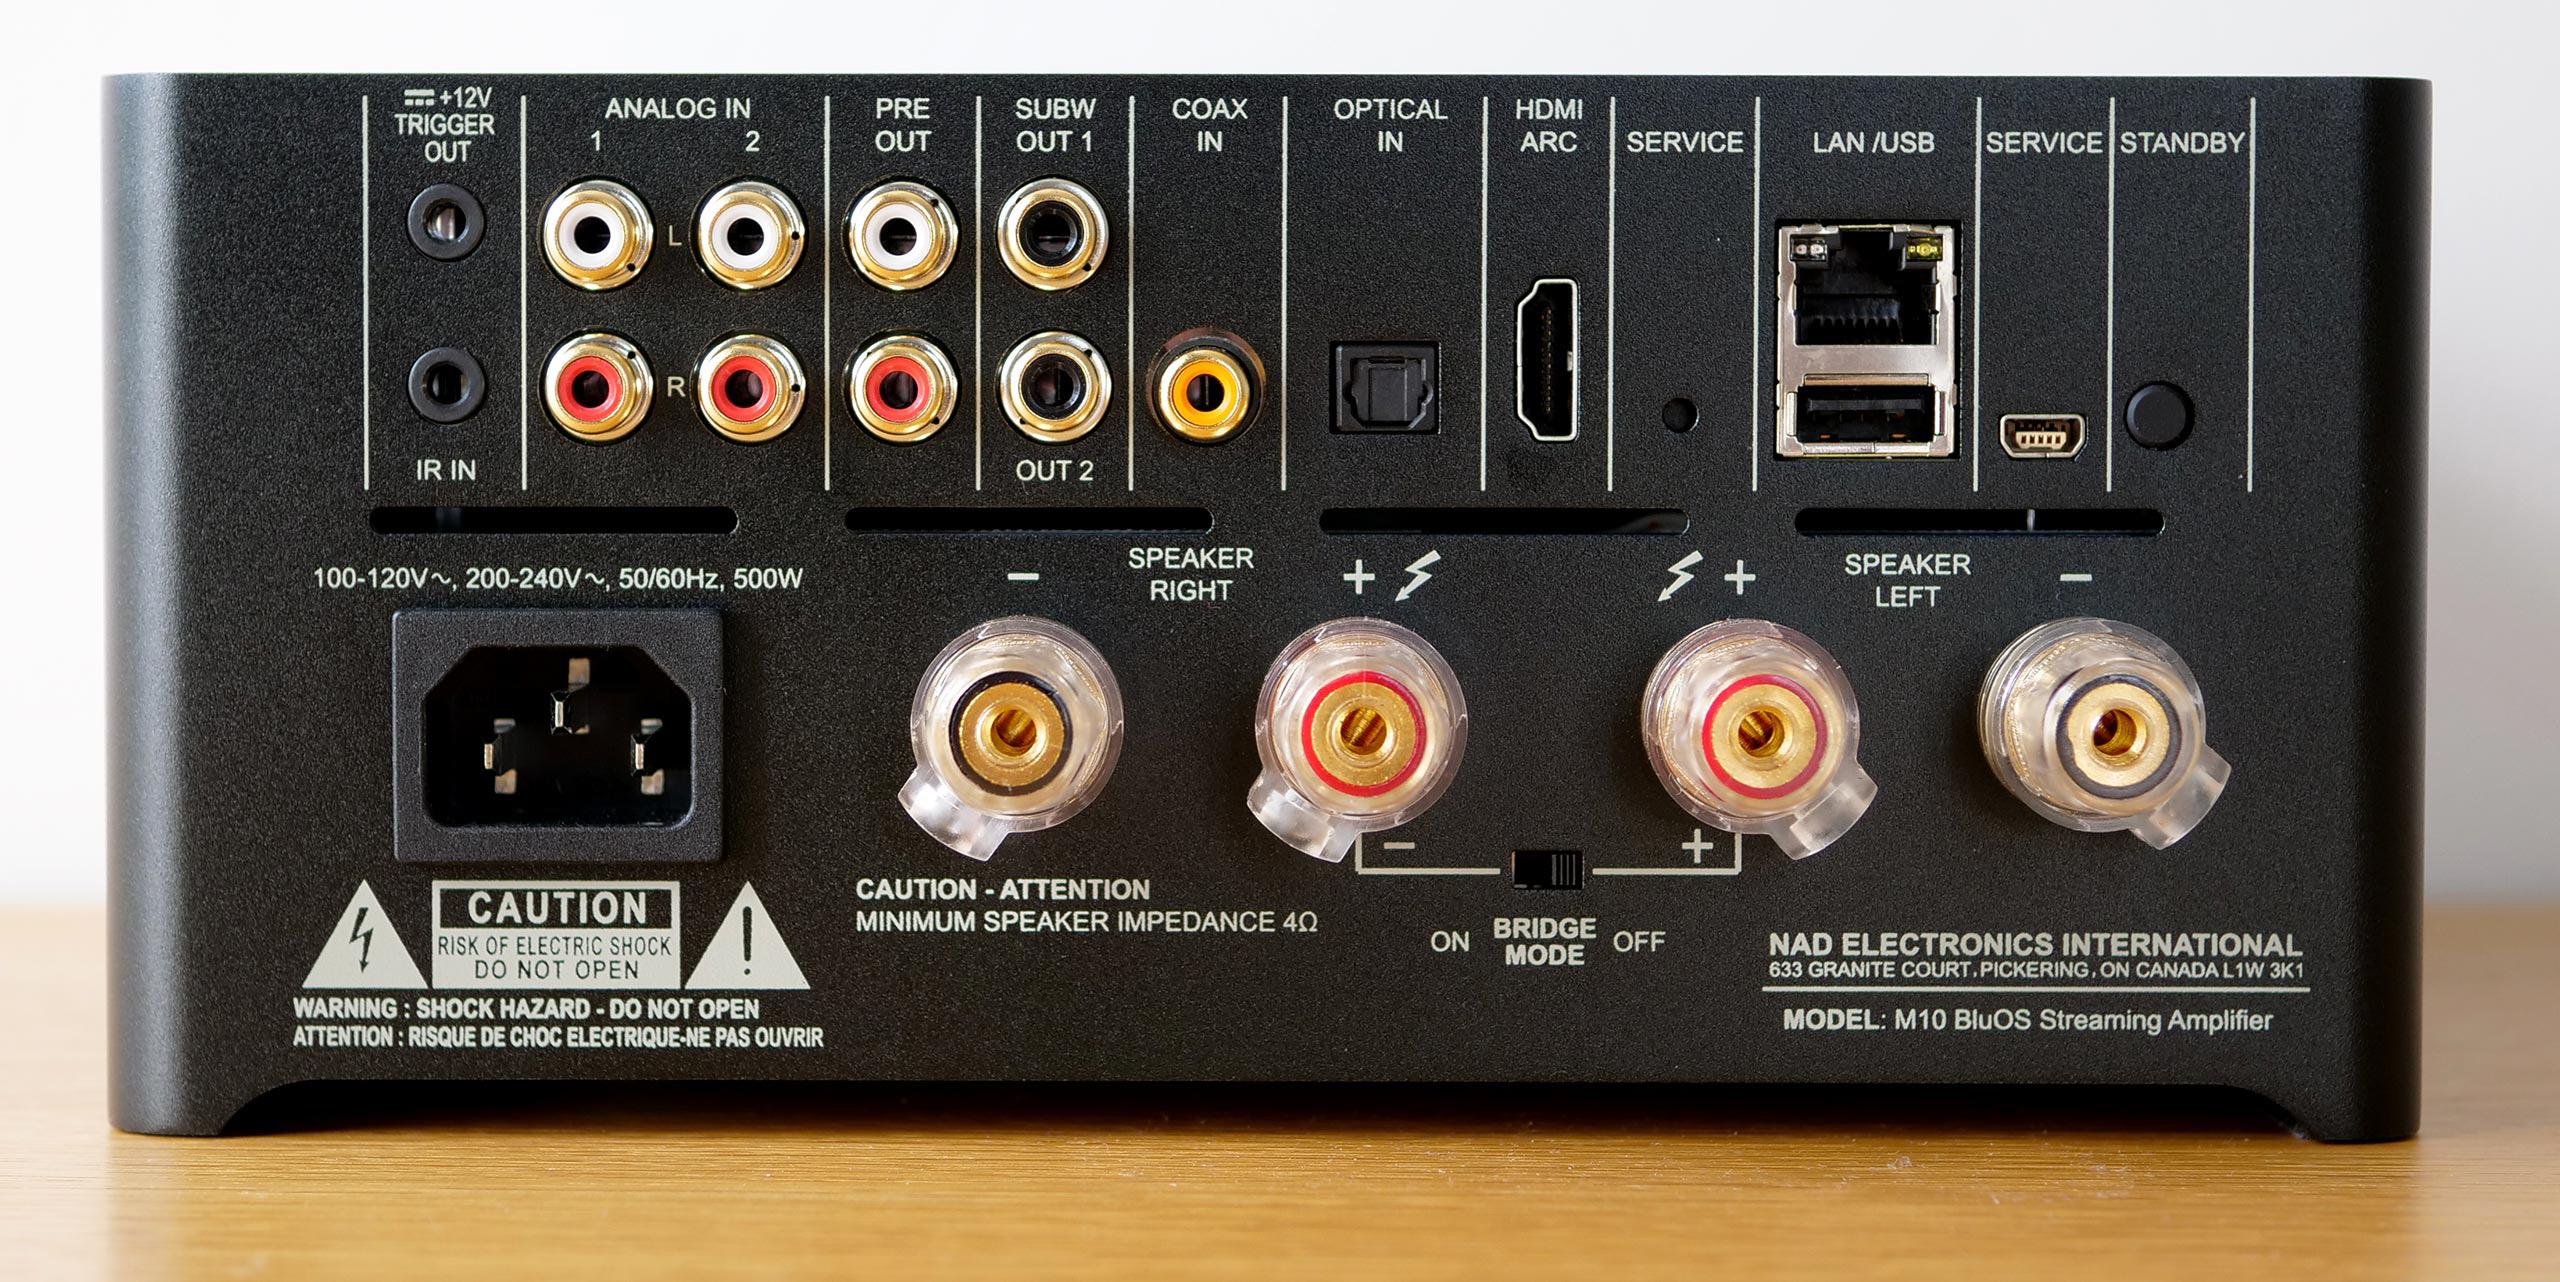 Les connectiques audio-vidéo de l'ampli NAD M10 : entrées audio analogiques / numériques et les borniers HiFi